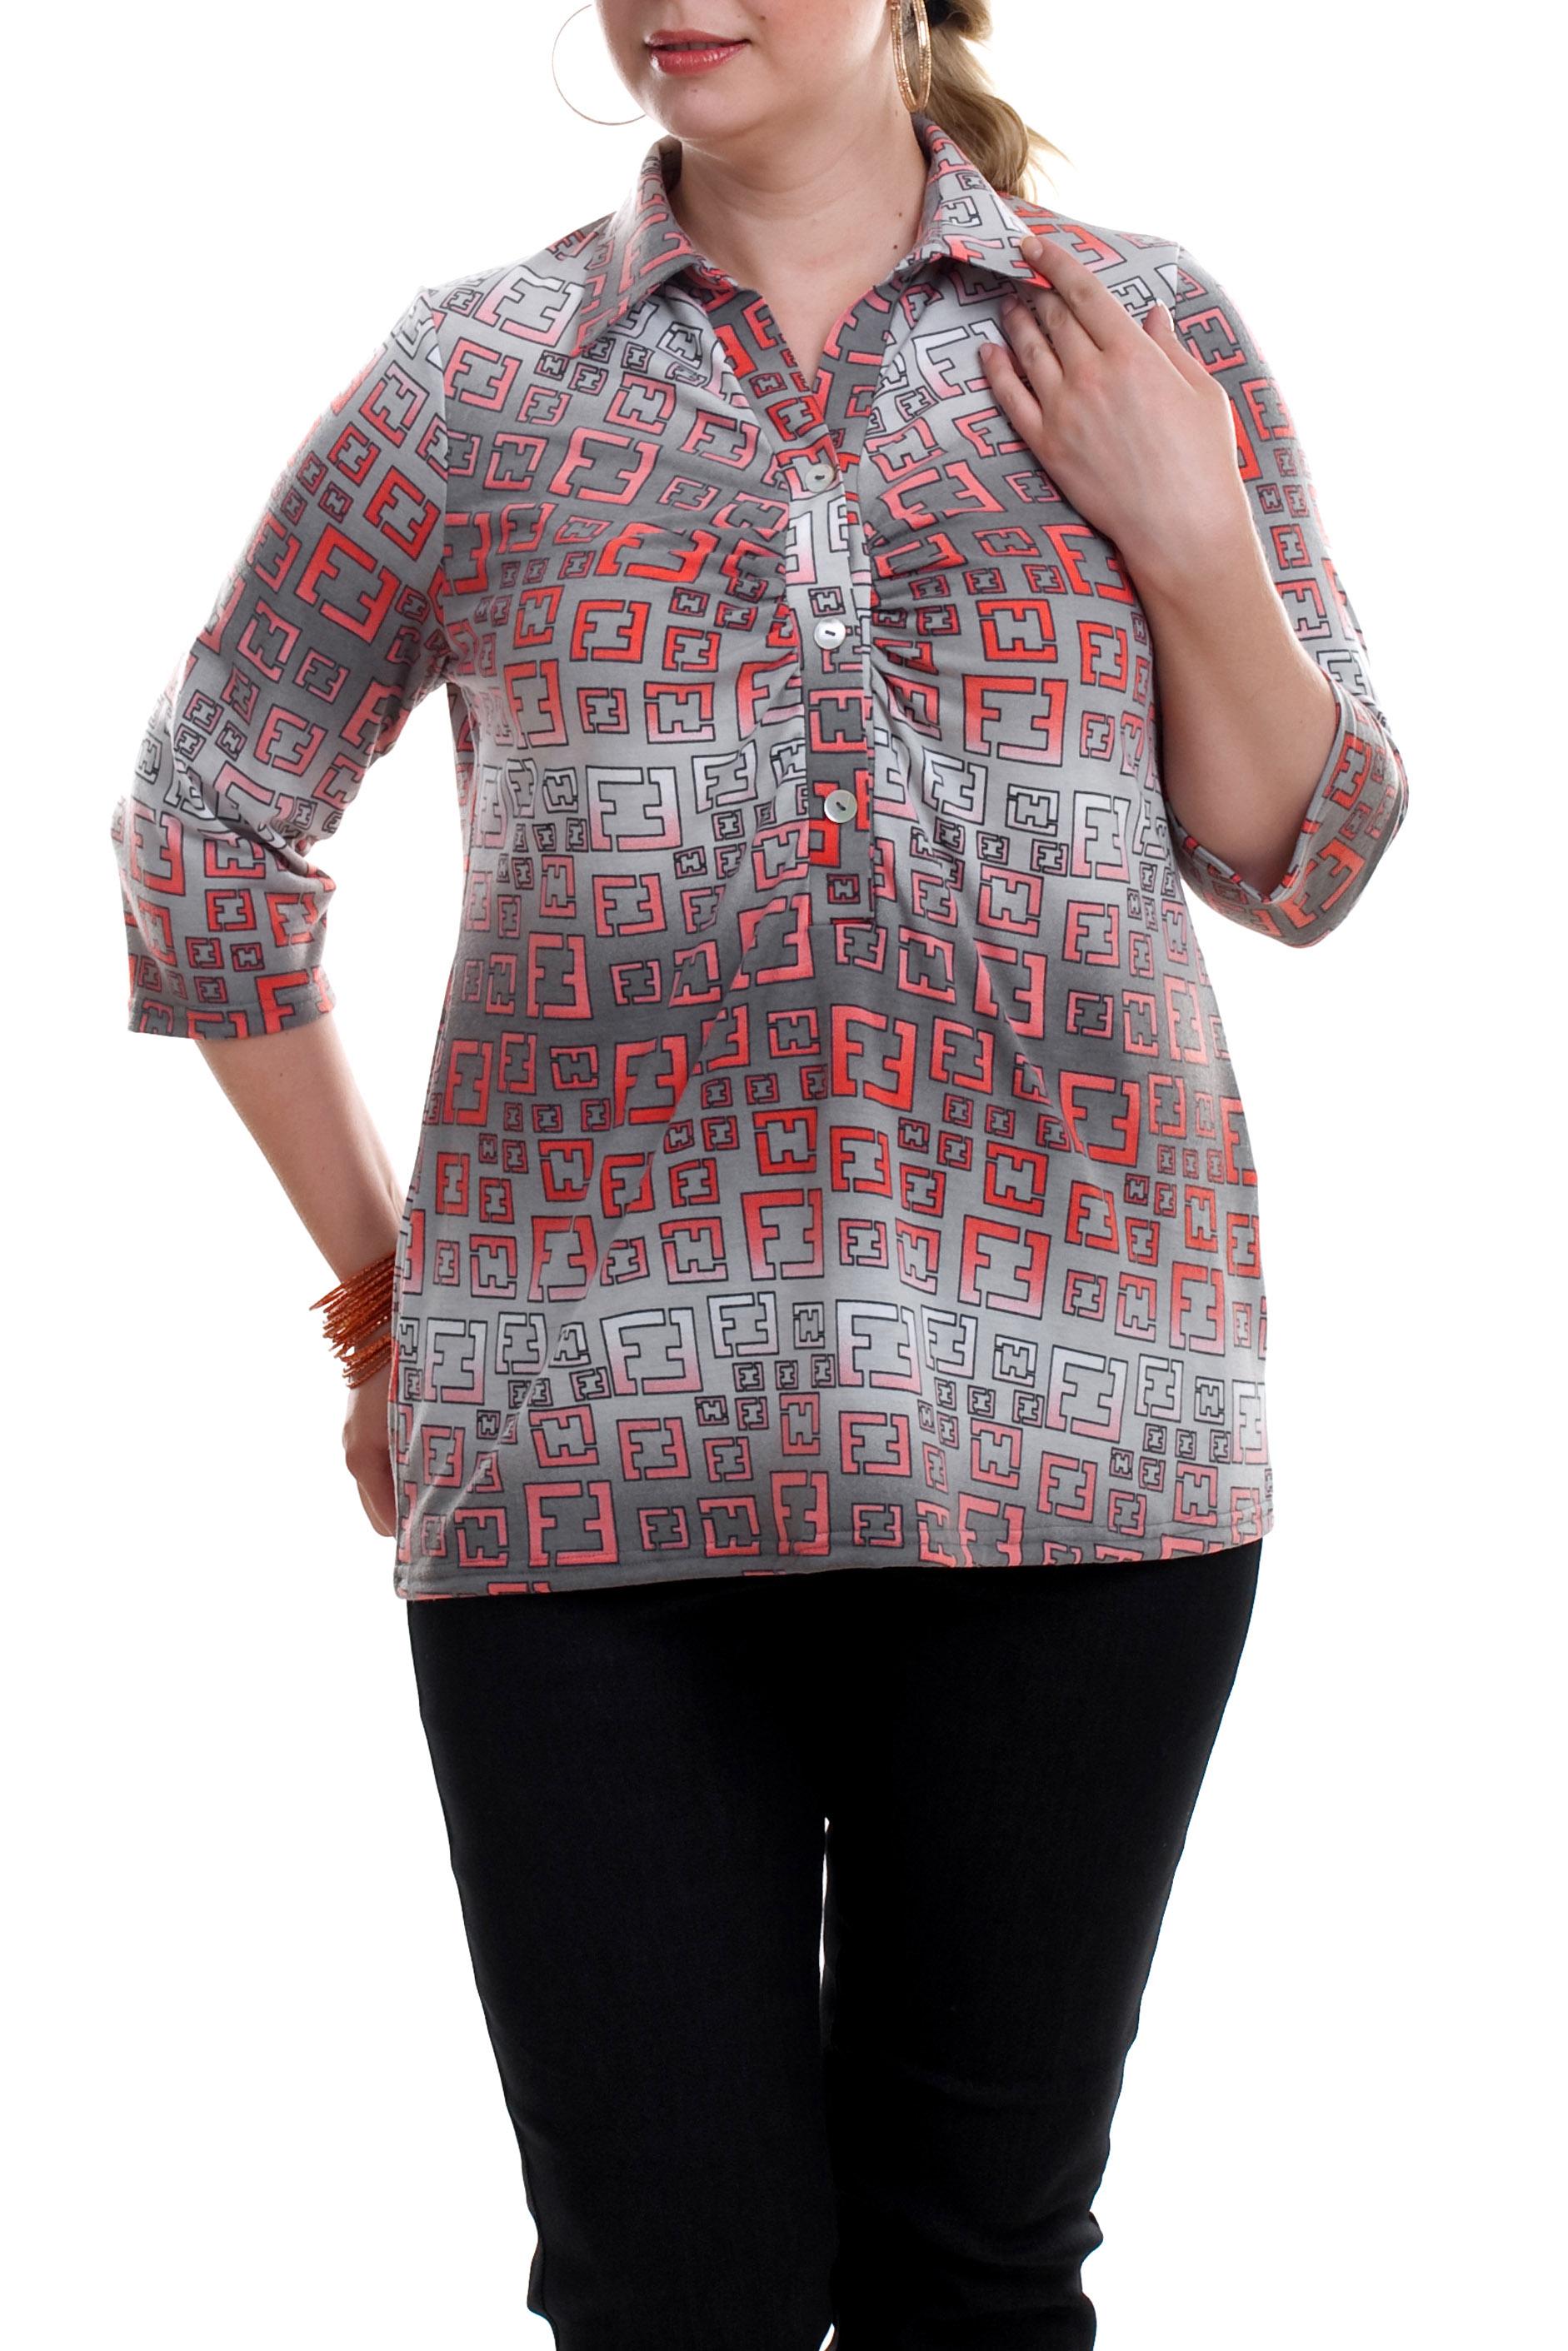 БлузкаБлузки<br>Цветная блузка с рубашечным воротником и рукавами 3/4. Модель выполнена из приятного трикотажа. Отличный выбор для любого случая.  В изделии использованы цвета: серый, коралловый, белый.  Рост девушки-фотомодели 173 см<br><br>Воротник: Рубашечный<br>Горловина: V- горловина<br>Застежка: С пуговицами<br>По материалу: Вискоза,Трикотаж<br>По образу: Город,Свидание<br>По рисунку: С принтом,Цветные<br>По сезону: Весна,Зима,Лето,Осень,Всесезон<br>По силуэту: Полуприталенные<br>По стилю: Повседневный стиль<br>Рукав: Рукав три четверти<br>Размер : 52,54,56,60,64,66,70<br>Материал: Трикотаж<br>Количество в наличии: 7